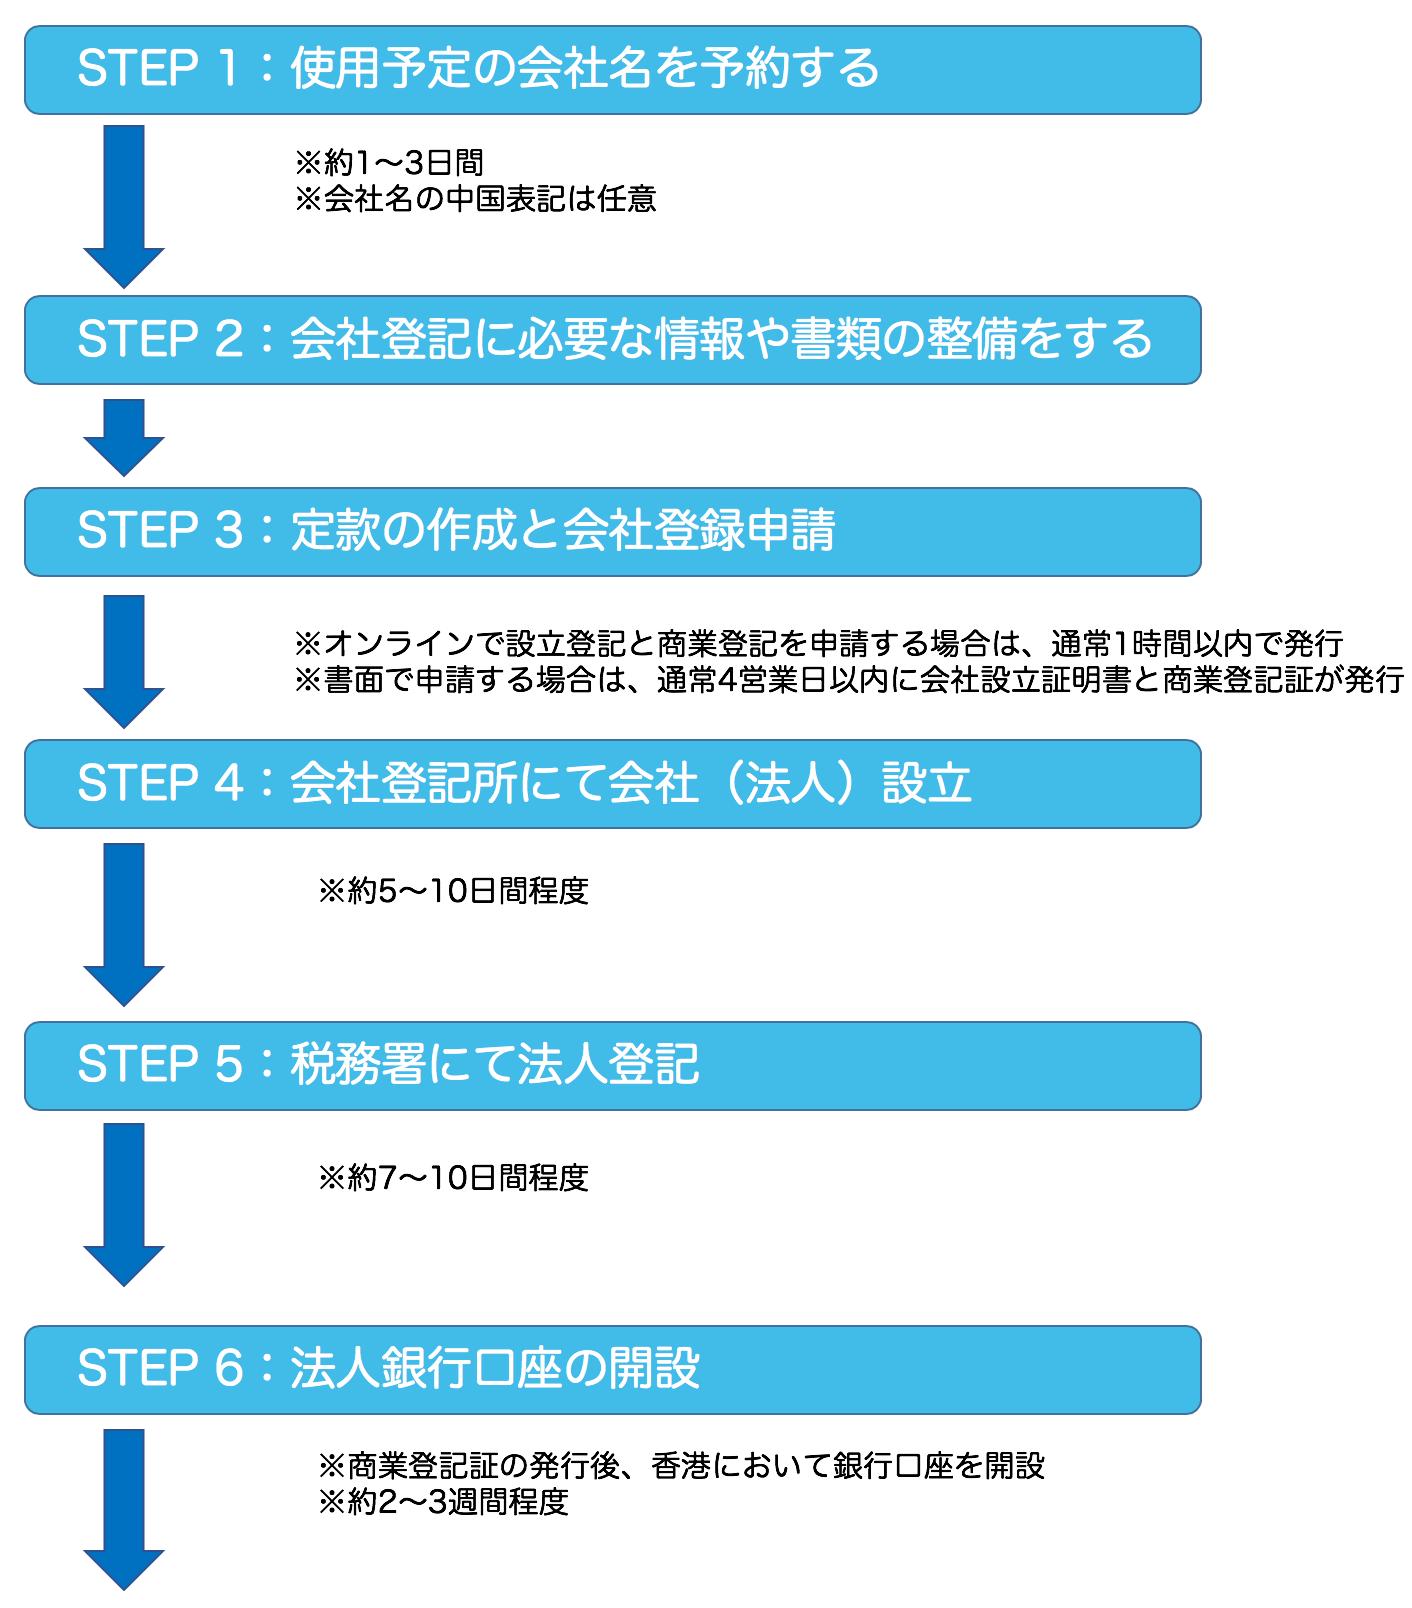 香港_会社設立_手順